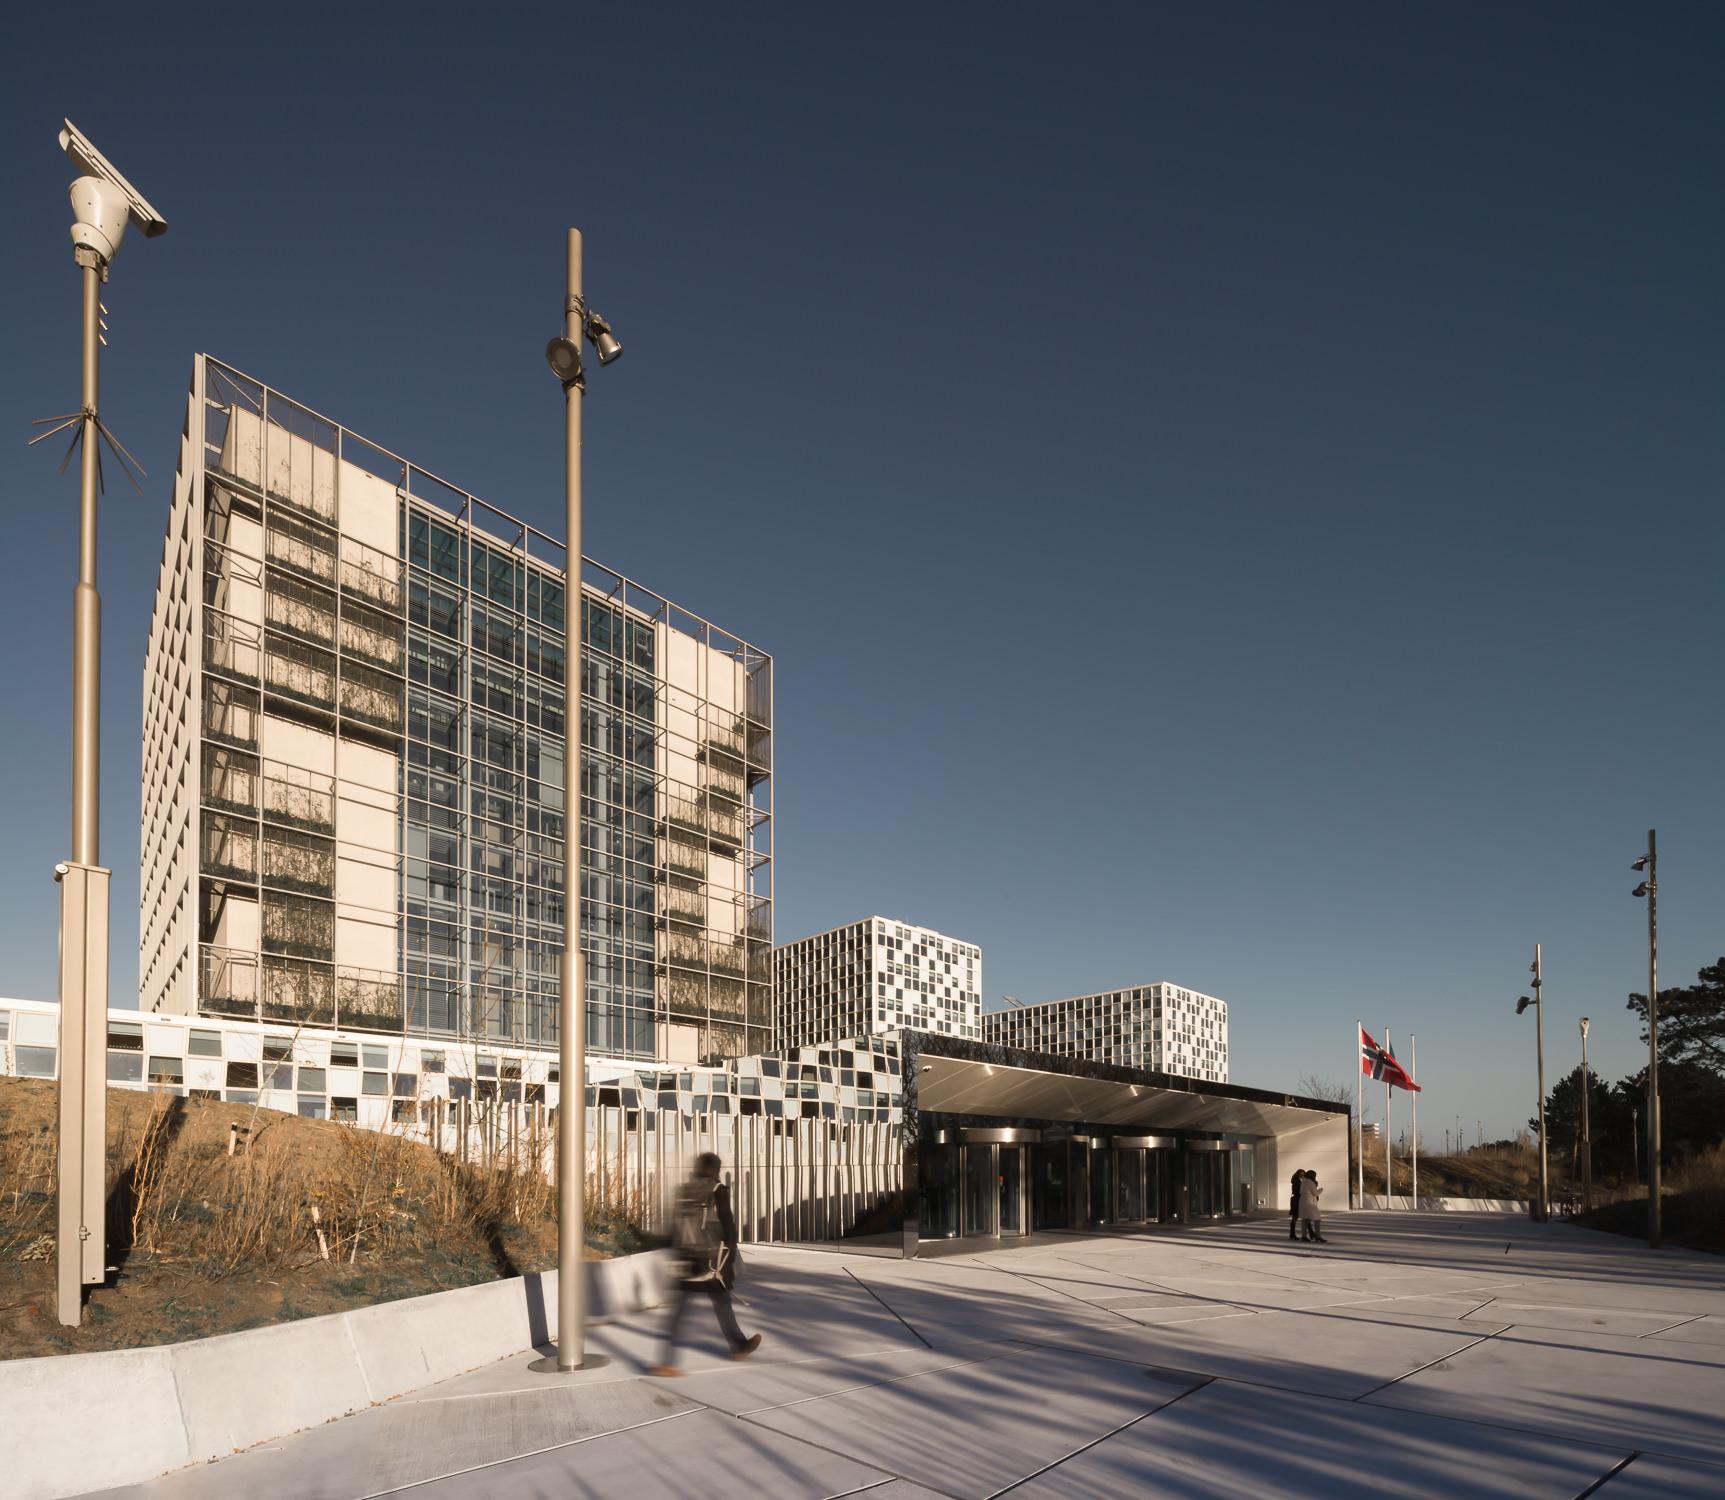 mark-hadden-architecture-photographer-architectuur-interieur-fotografie-london-amsterdam-ICC-Den-Haag-112-Edit.jpg